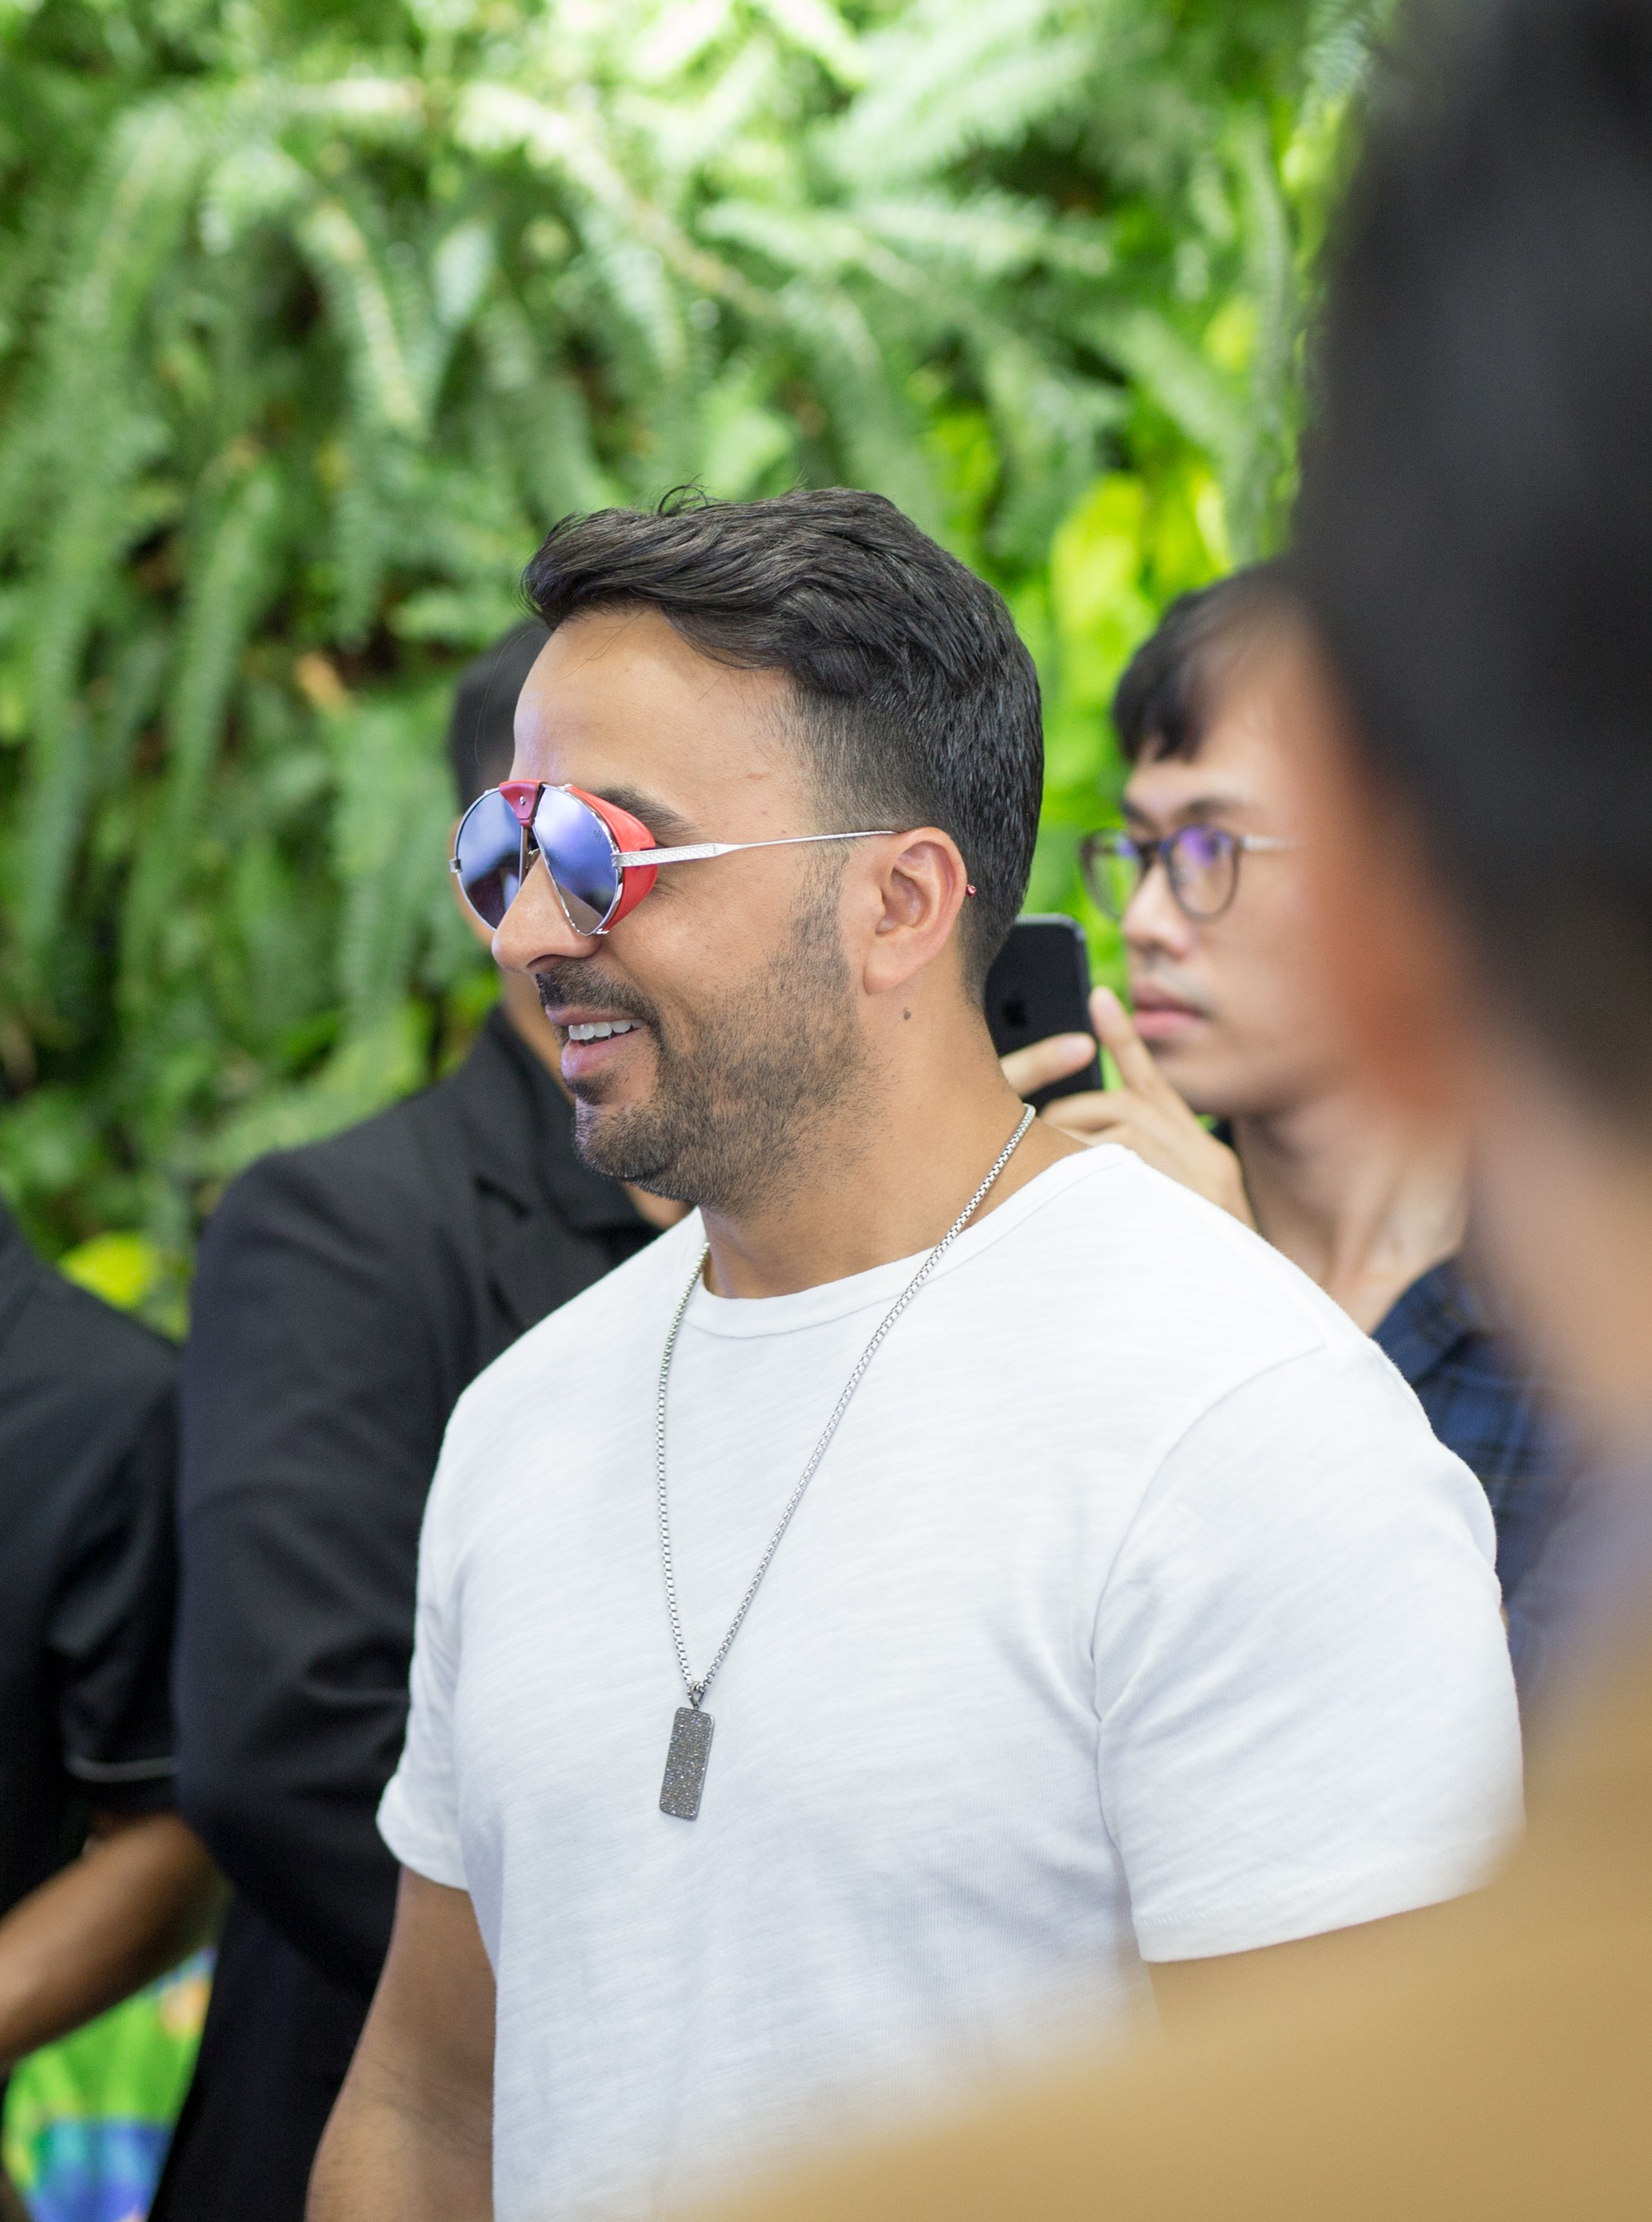 Vắng Justin Bieber và Daddy Yankee, Luis Fonsi sẽ biểu diễn bản phối mới của Despacito trước khán giả Đà Nẵng - Ảnh 1.